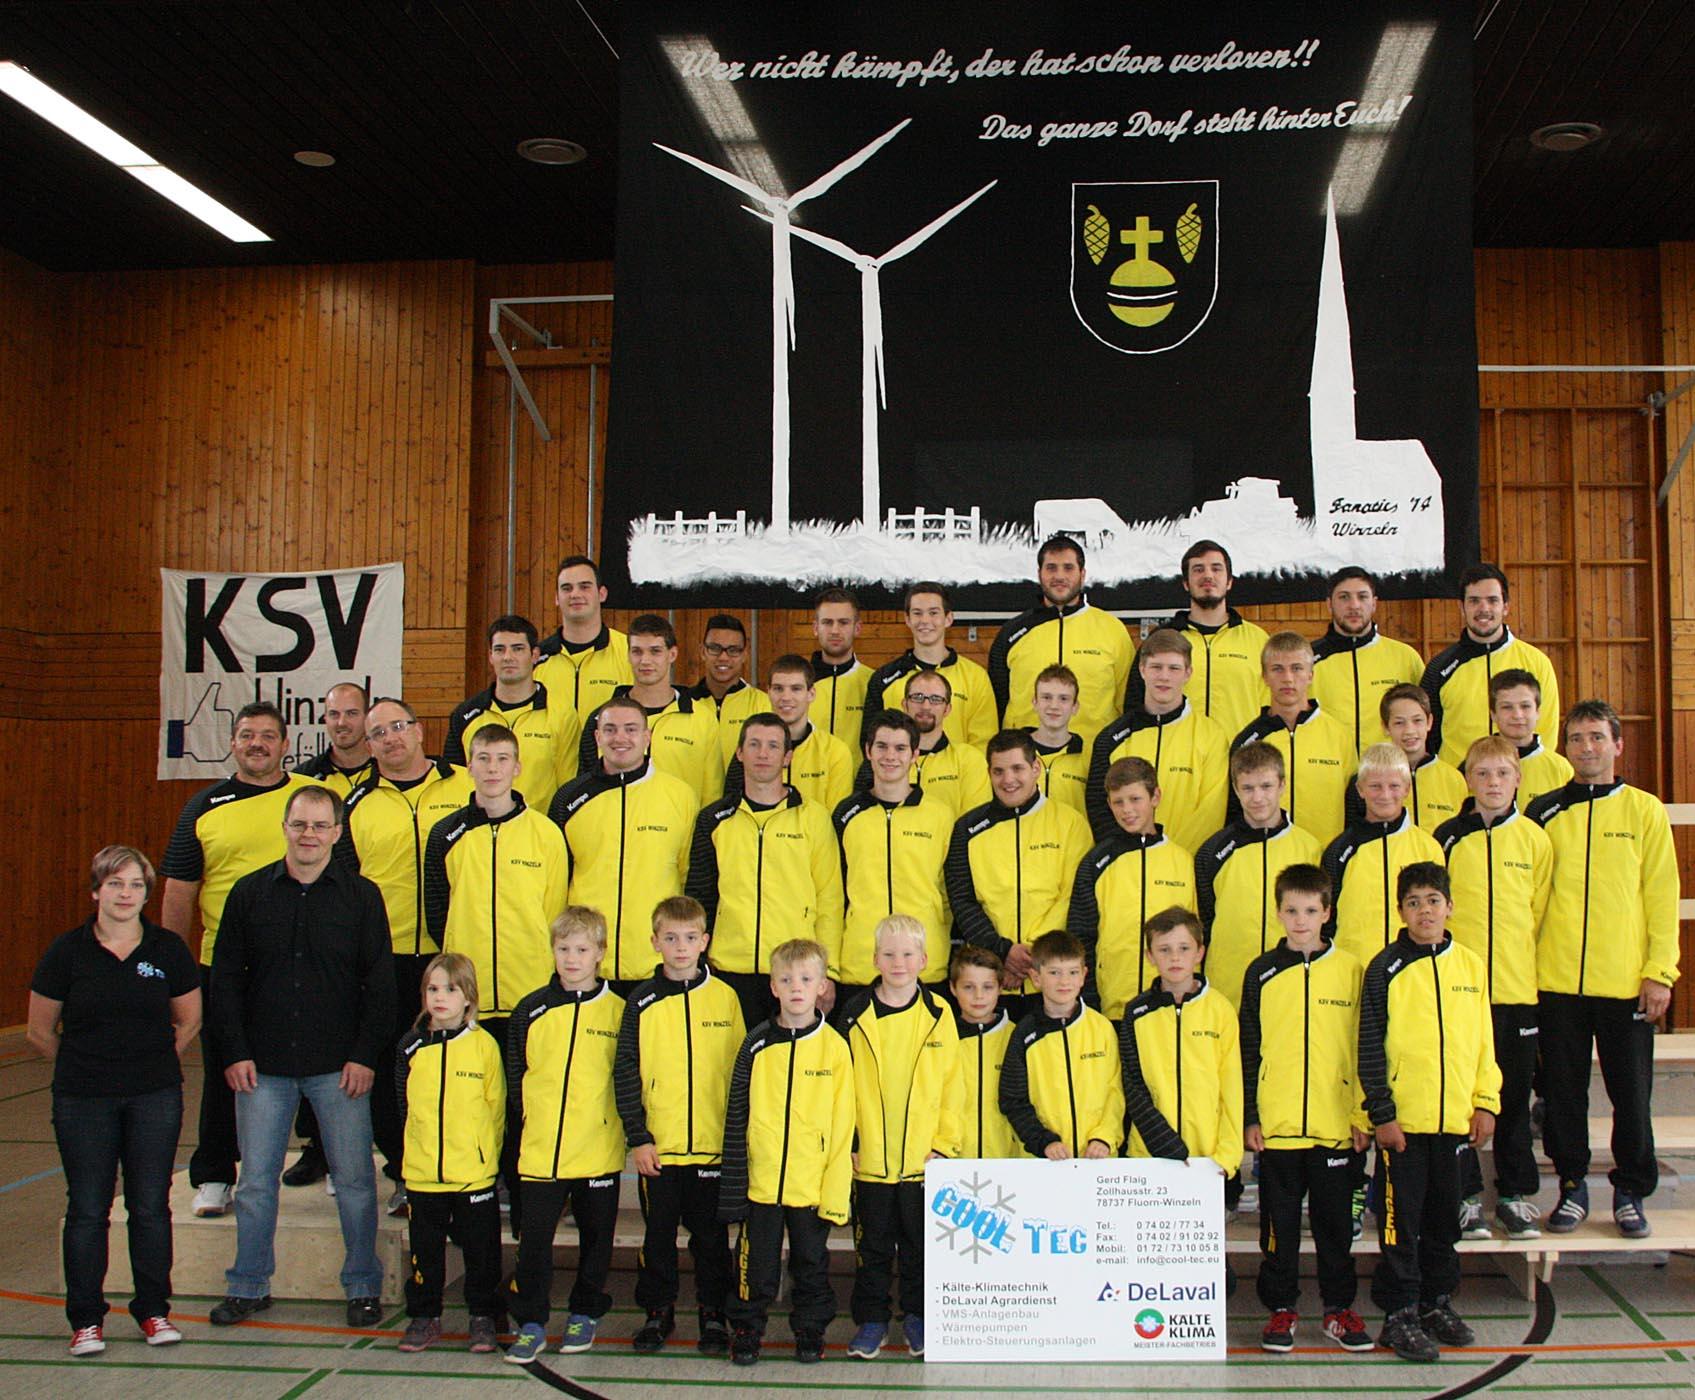 KSV- Winzeln Sponsor Cool-Tec